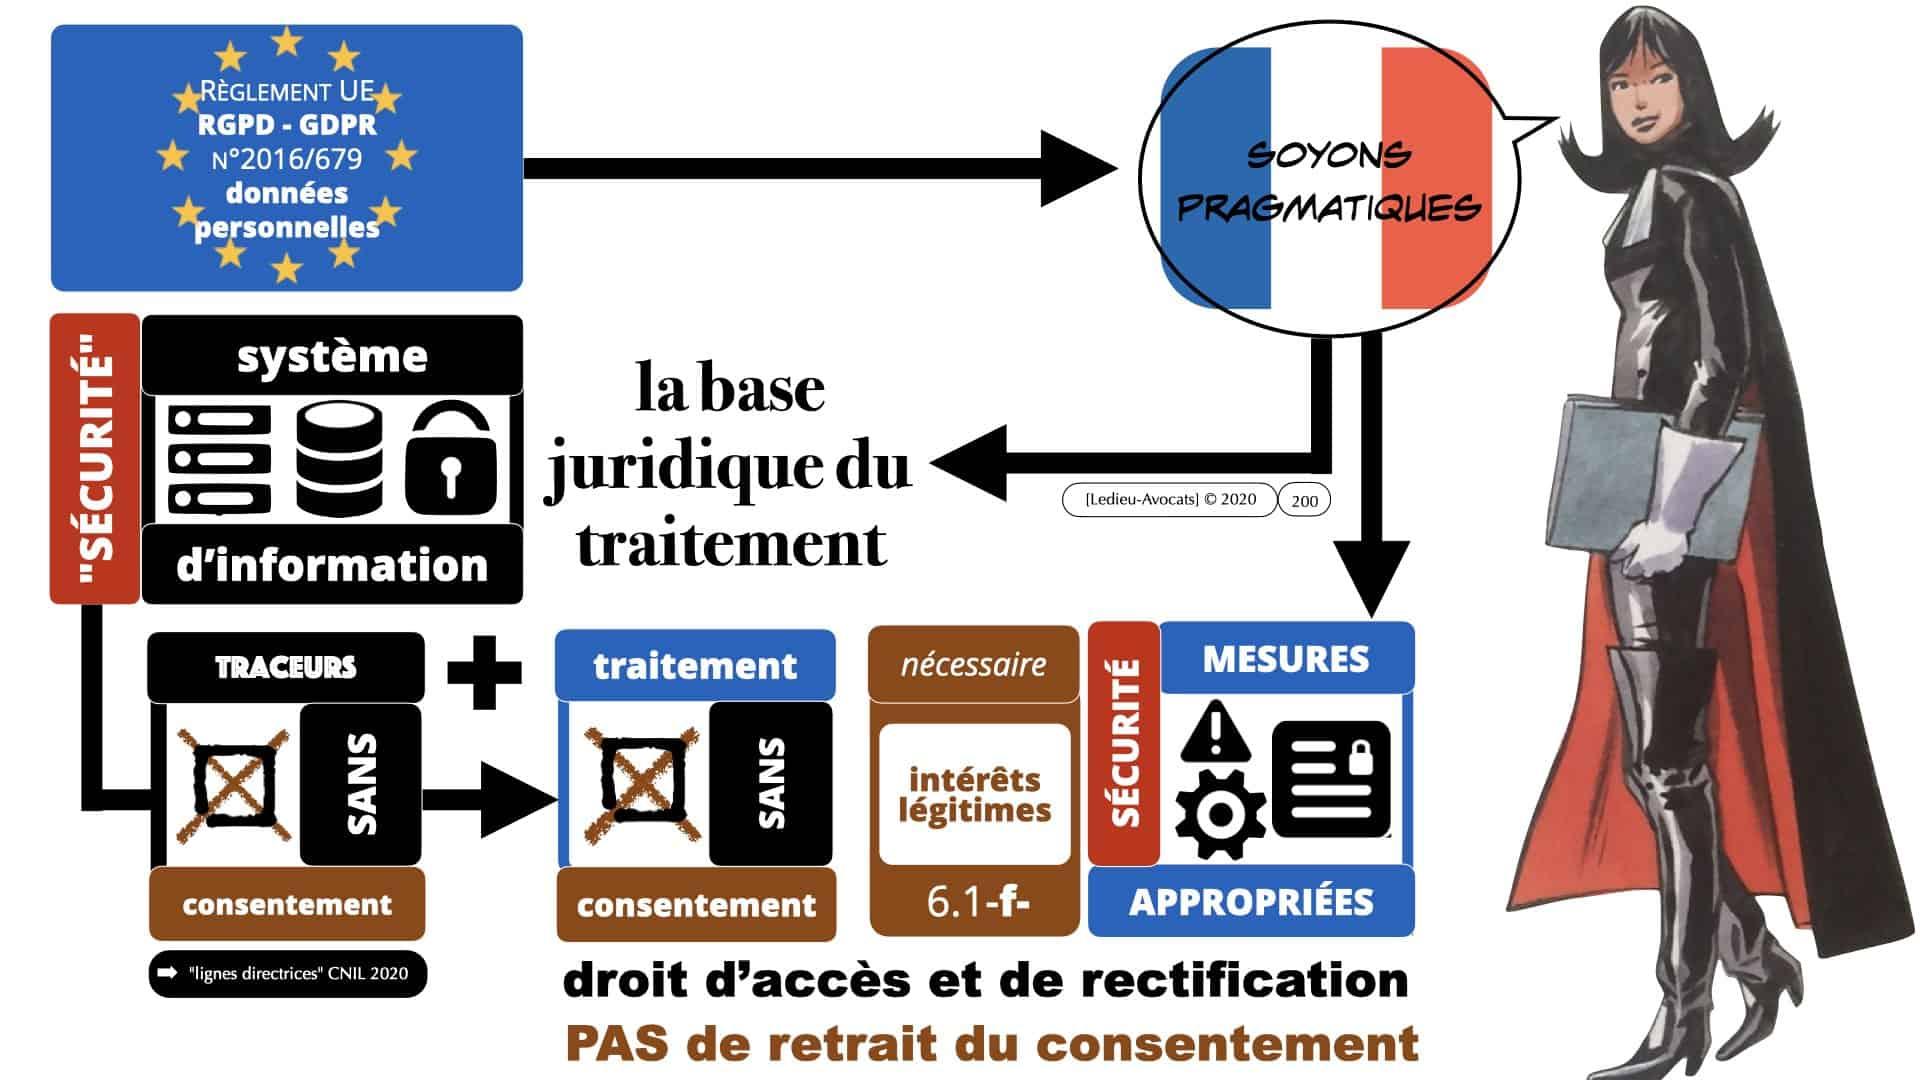 RGPD e-Privacy données personnelles jurisprudence formation Lamy Les Echos 10-02-2021 ©Ledieu-Avocats.200